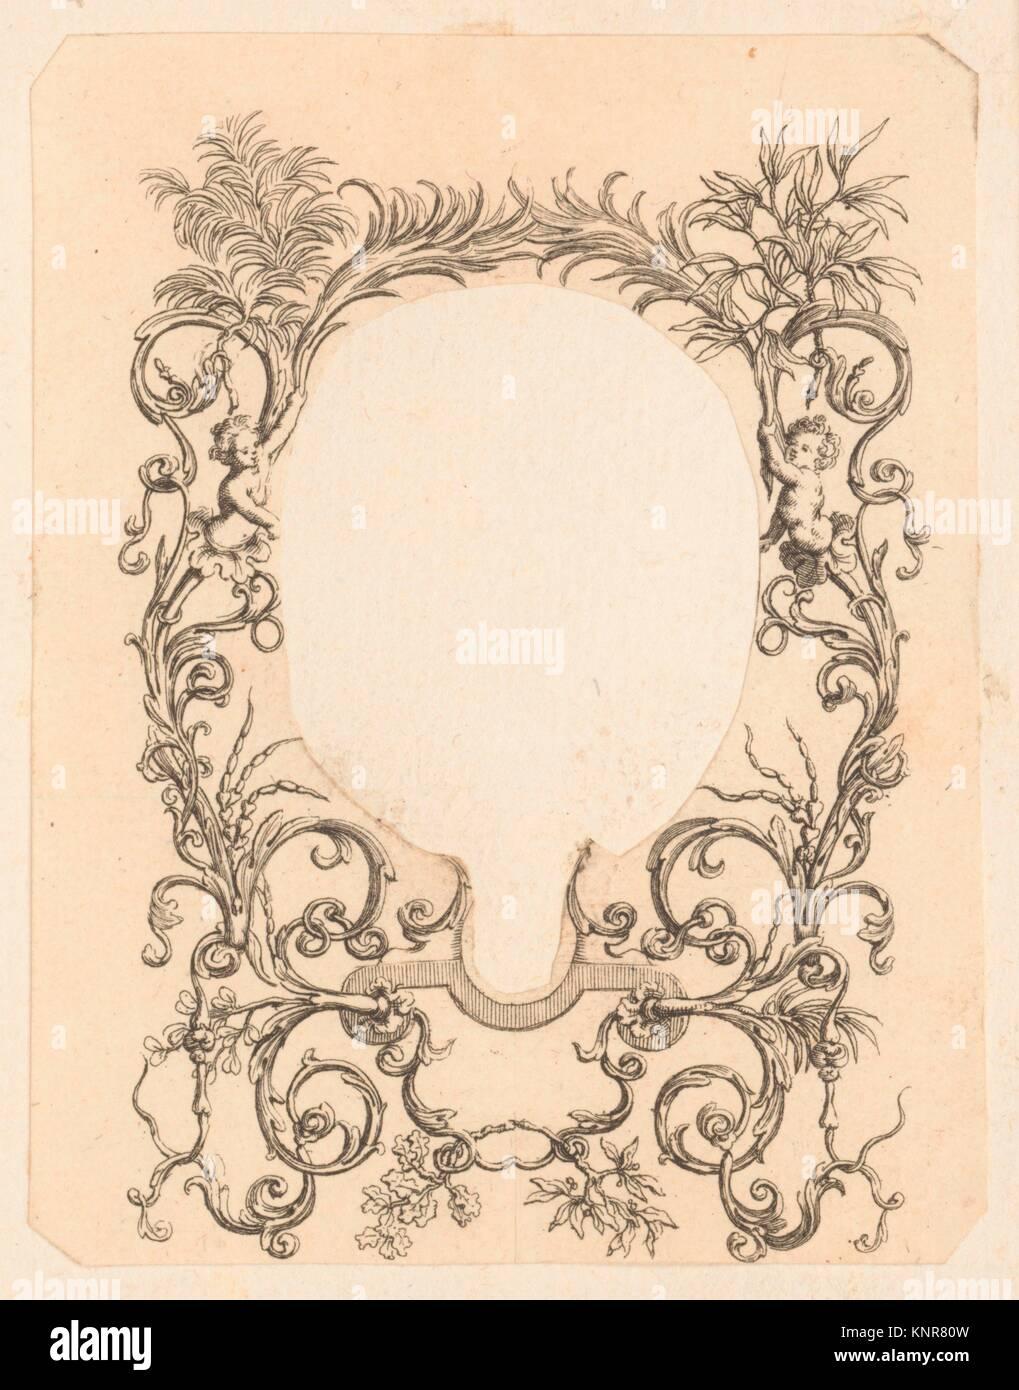 Dekorative Rahmen mit Girlanden. Künstler: Anonym, 18. Jahrhundert ...